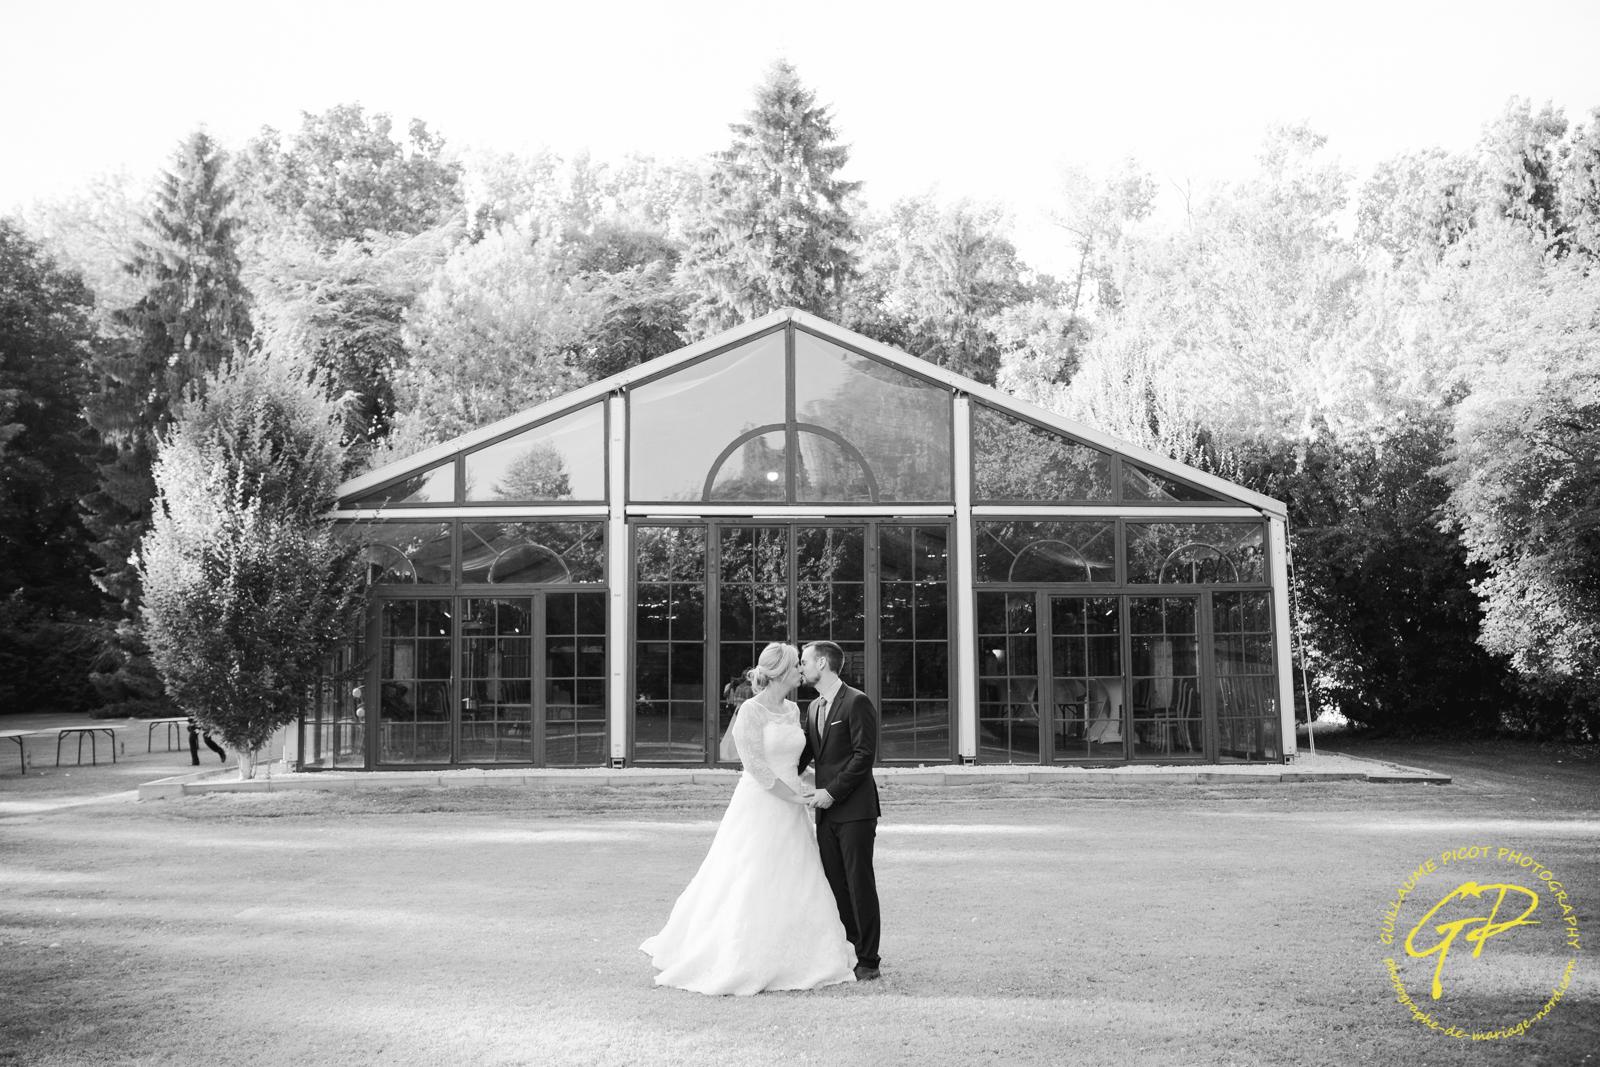 Fabuleux Mariage au Chateau du Biez de Anne et Thibault le 11 juillet 2015  HT51